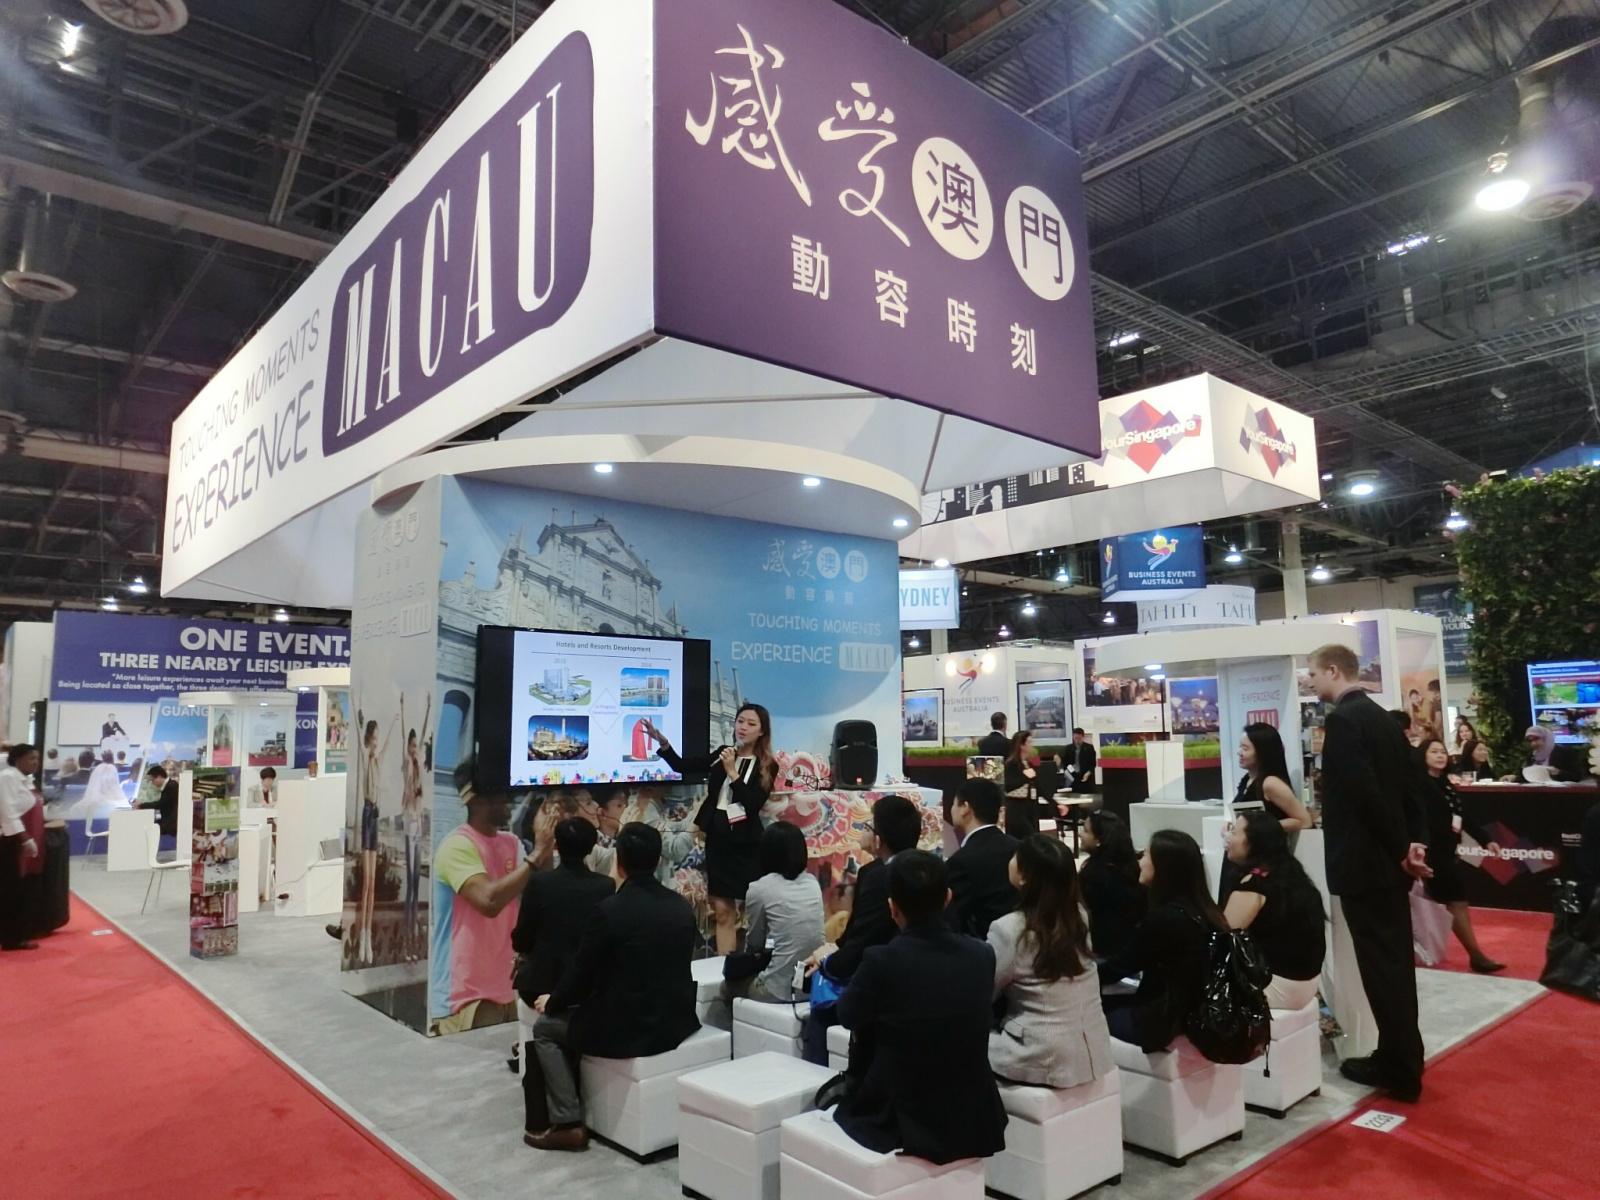 Exposições e convenções | Sector tem crescido mas continua a deparar-se com entraves